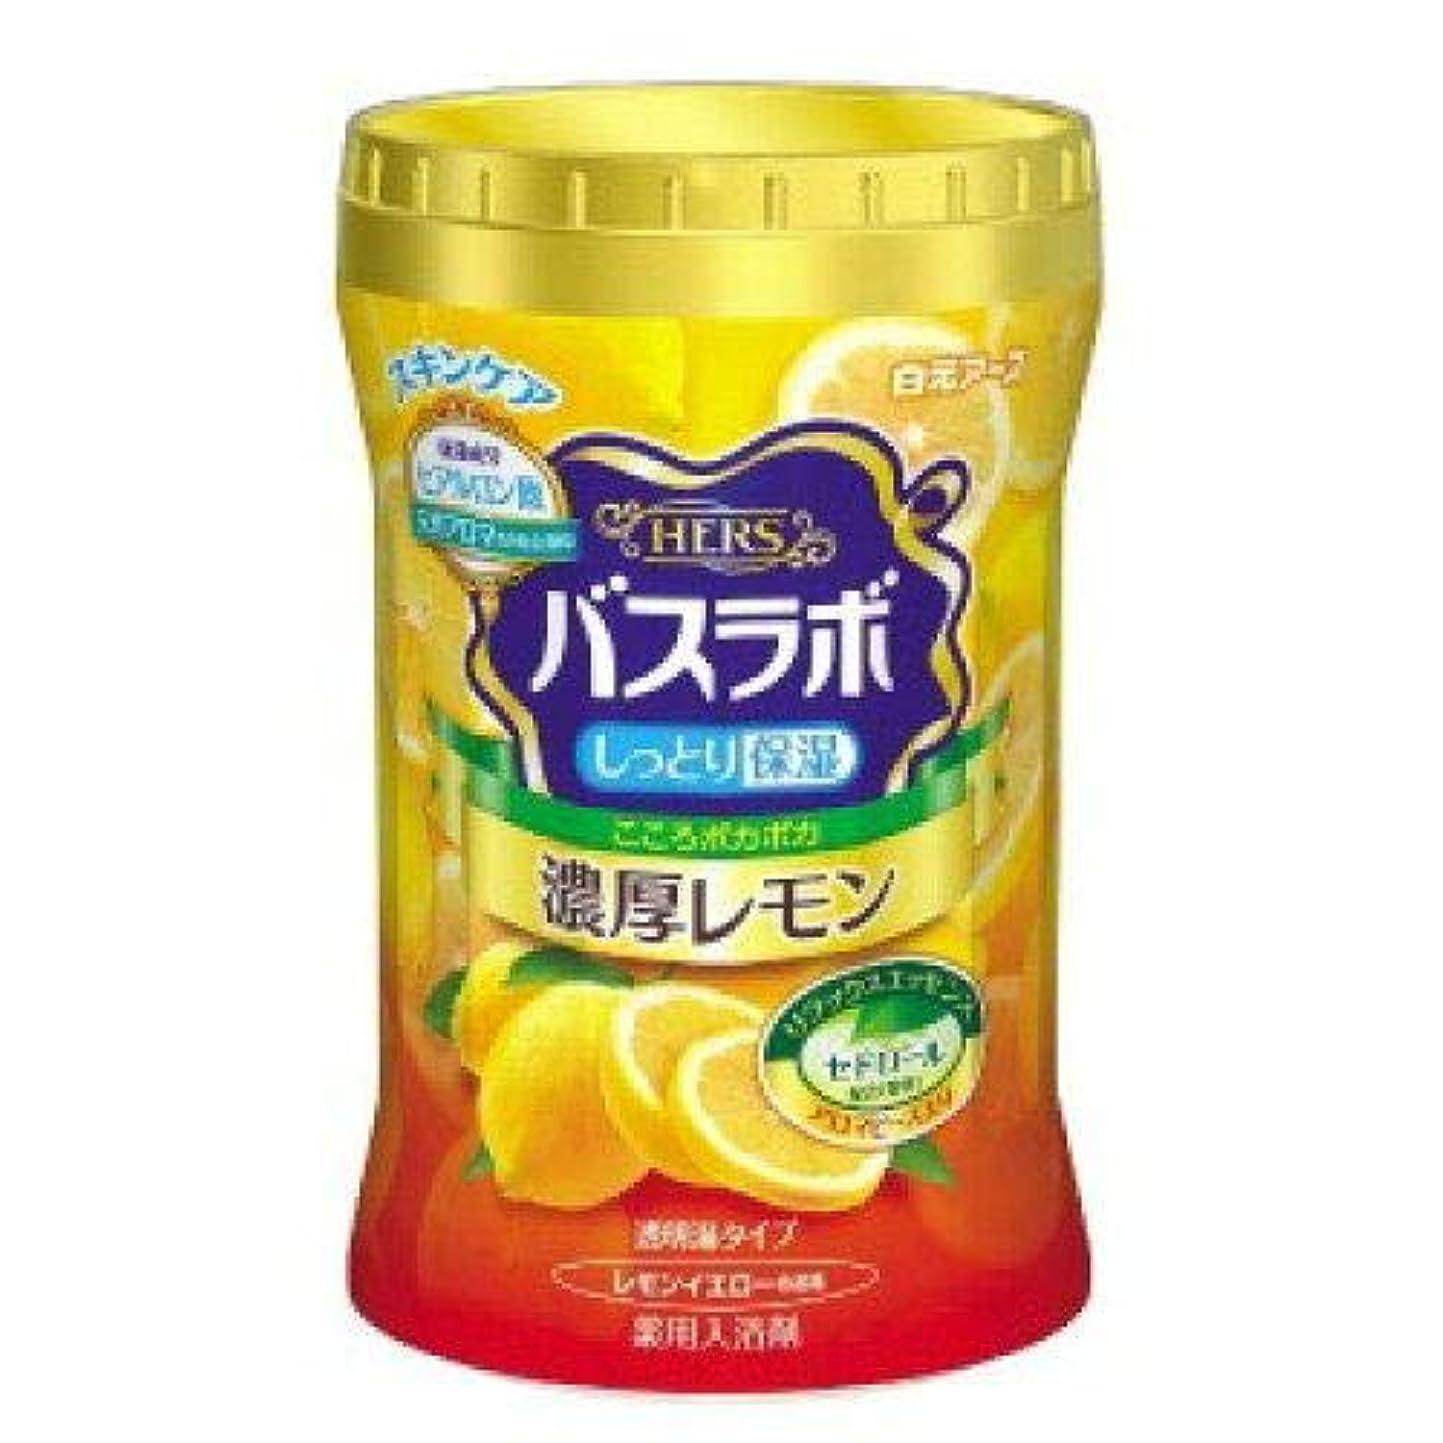 粗い批評スペイン語バスラボボトル濃厚レモン640g